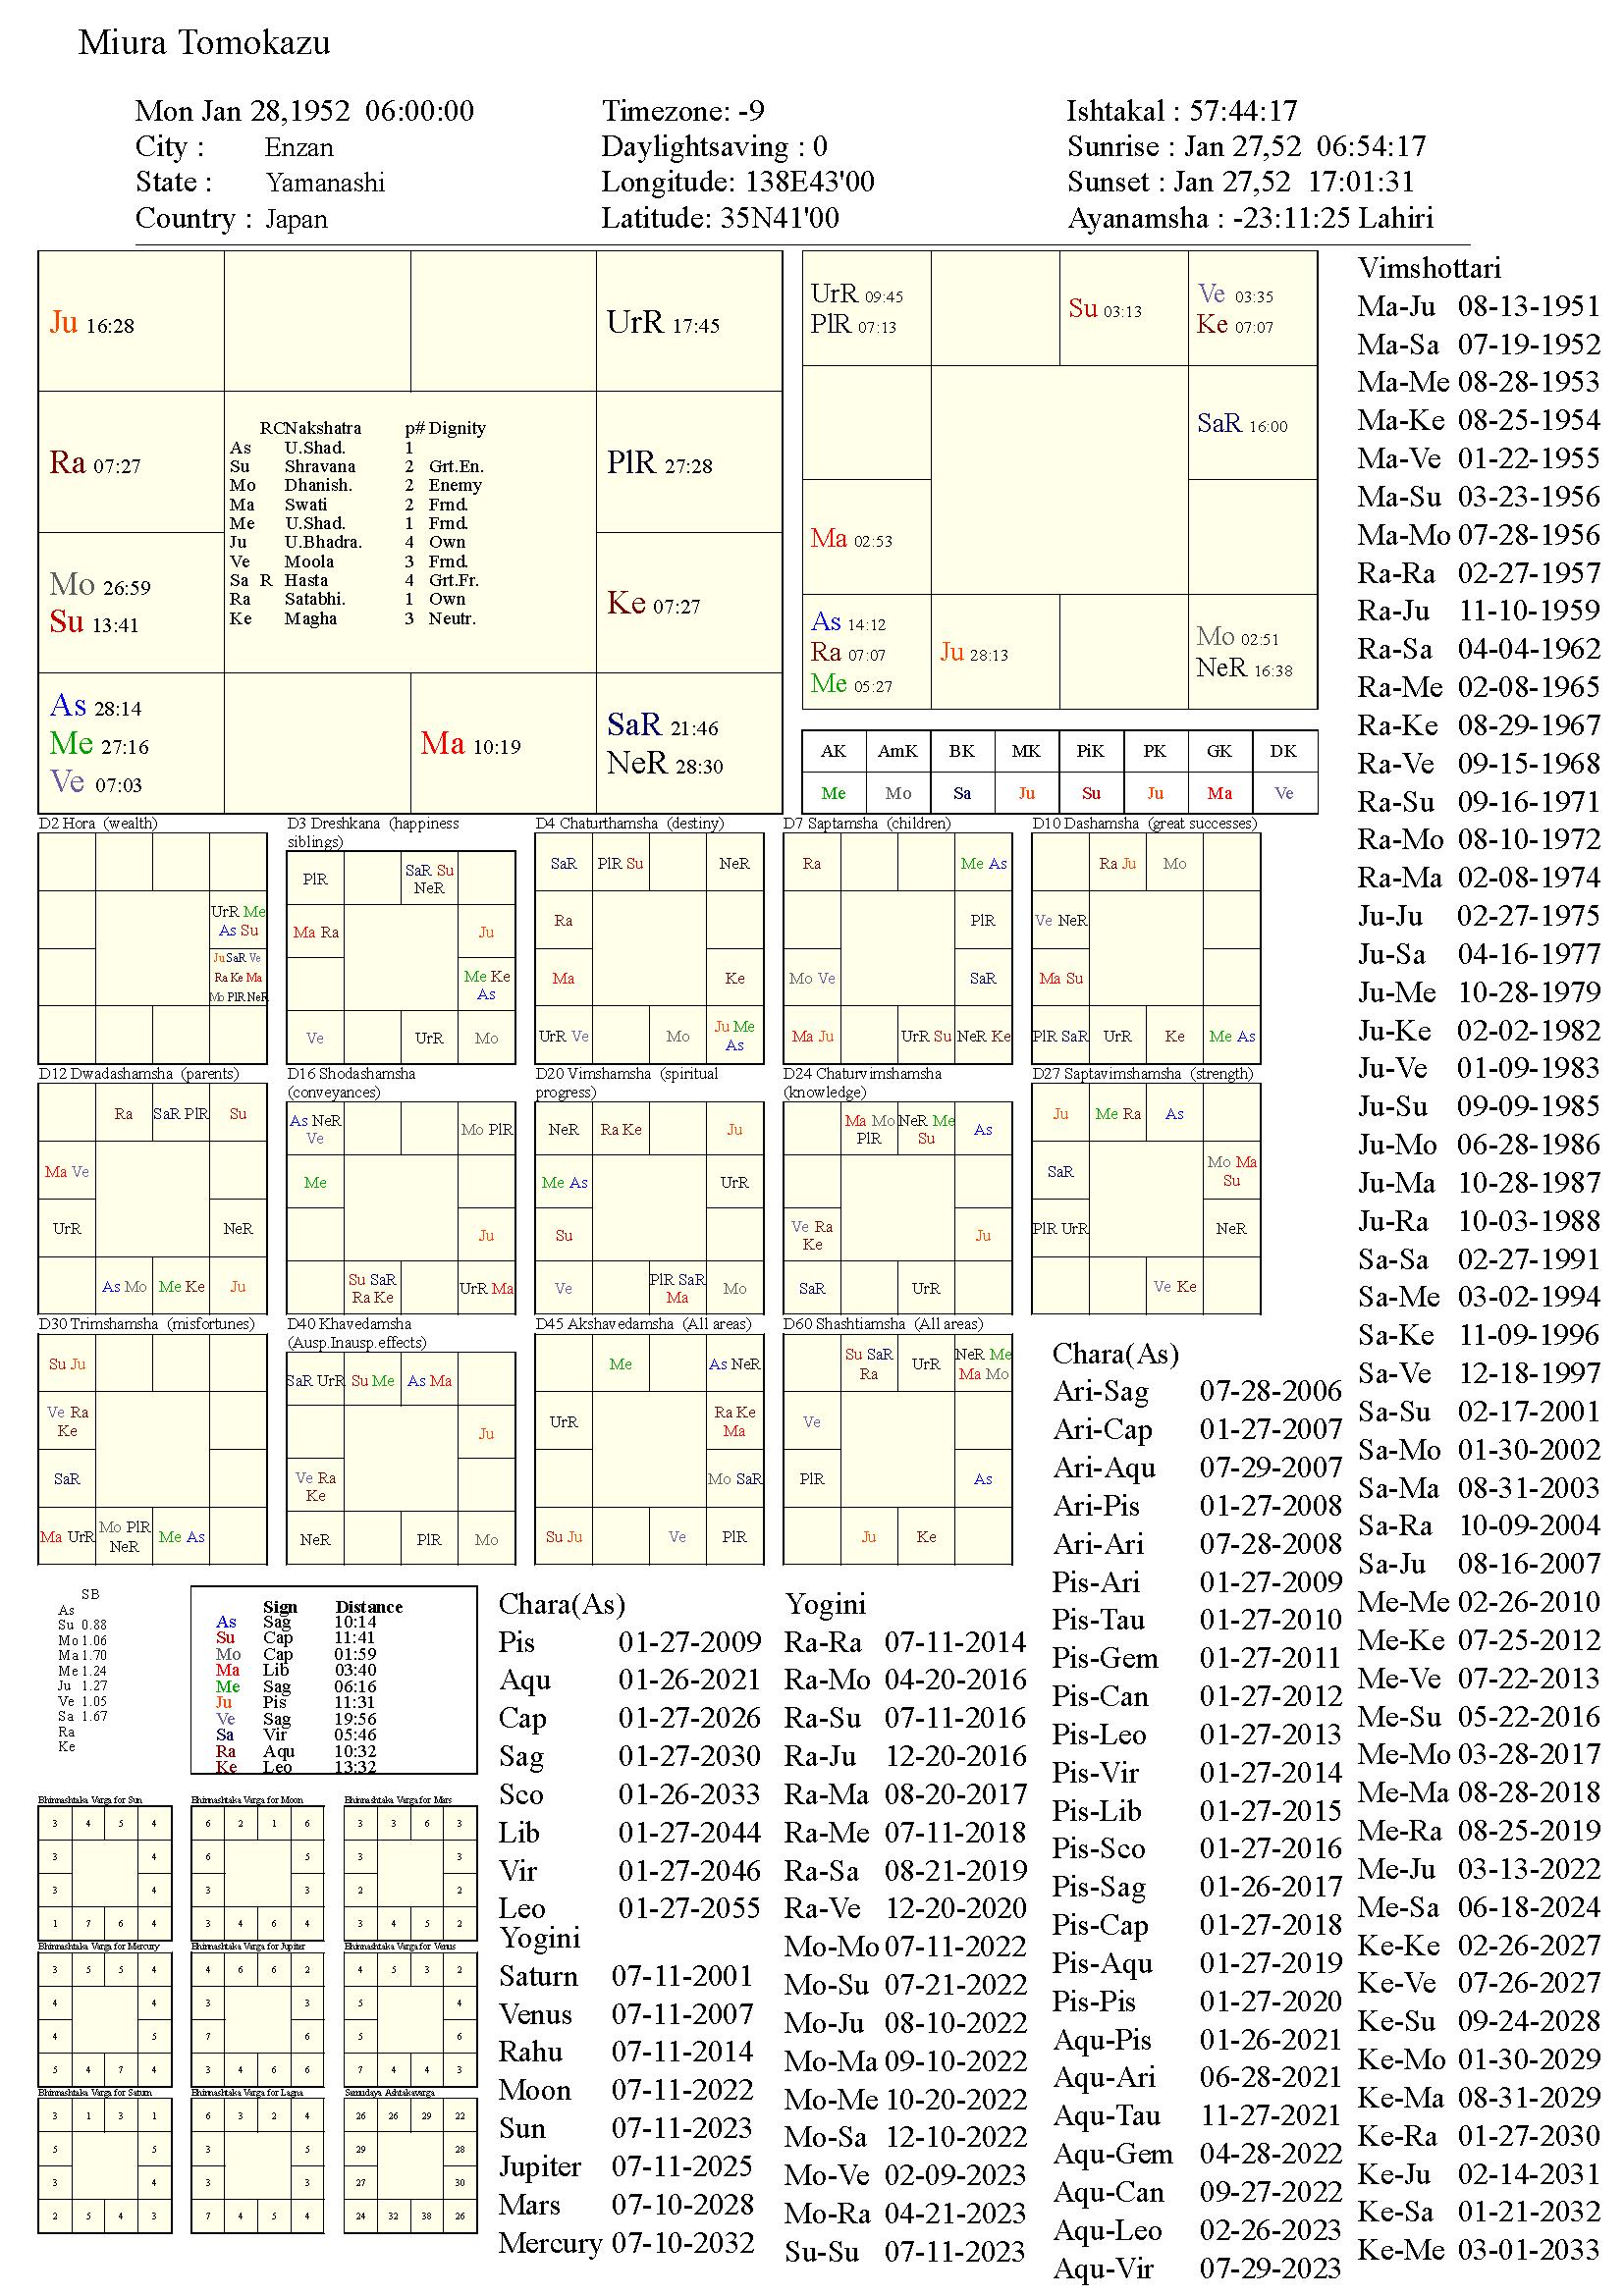 miuratomokazu_chart